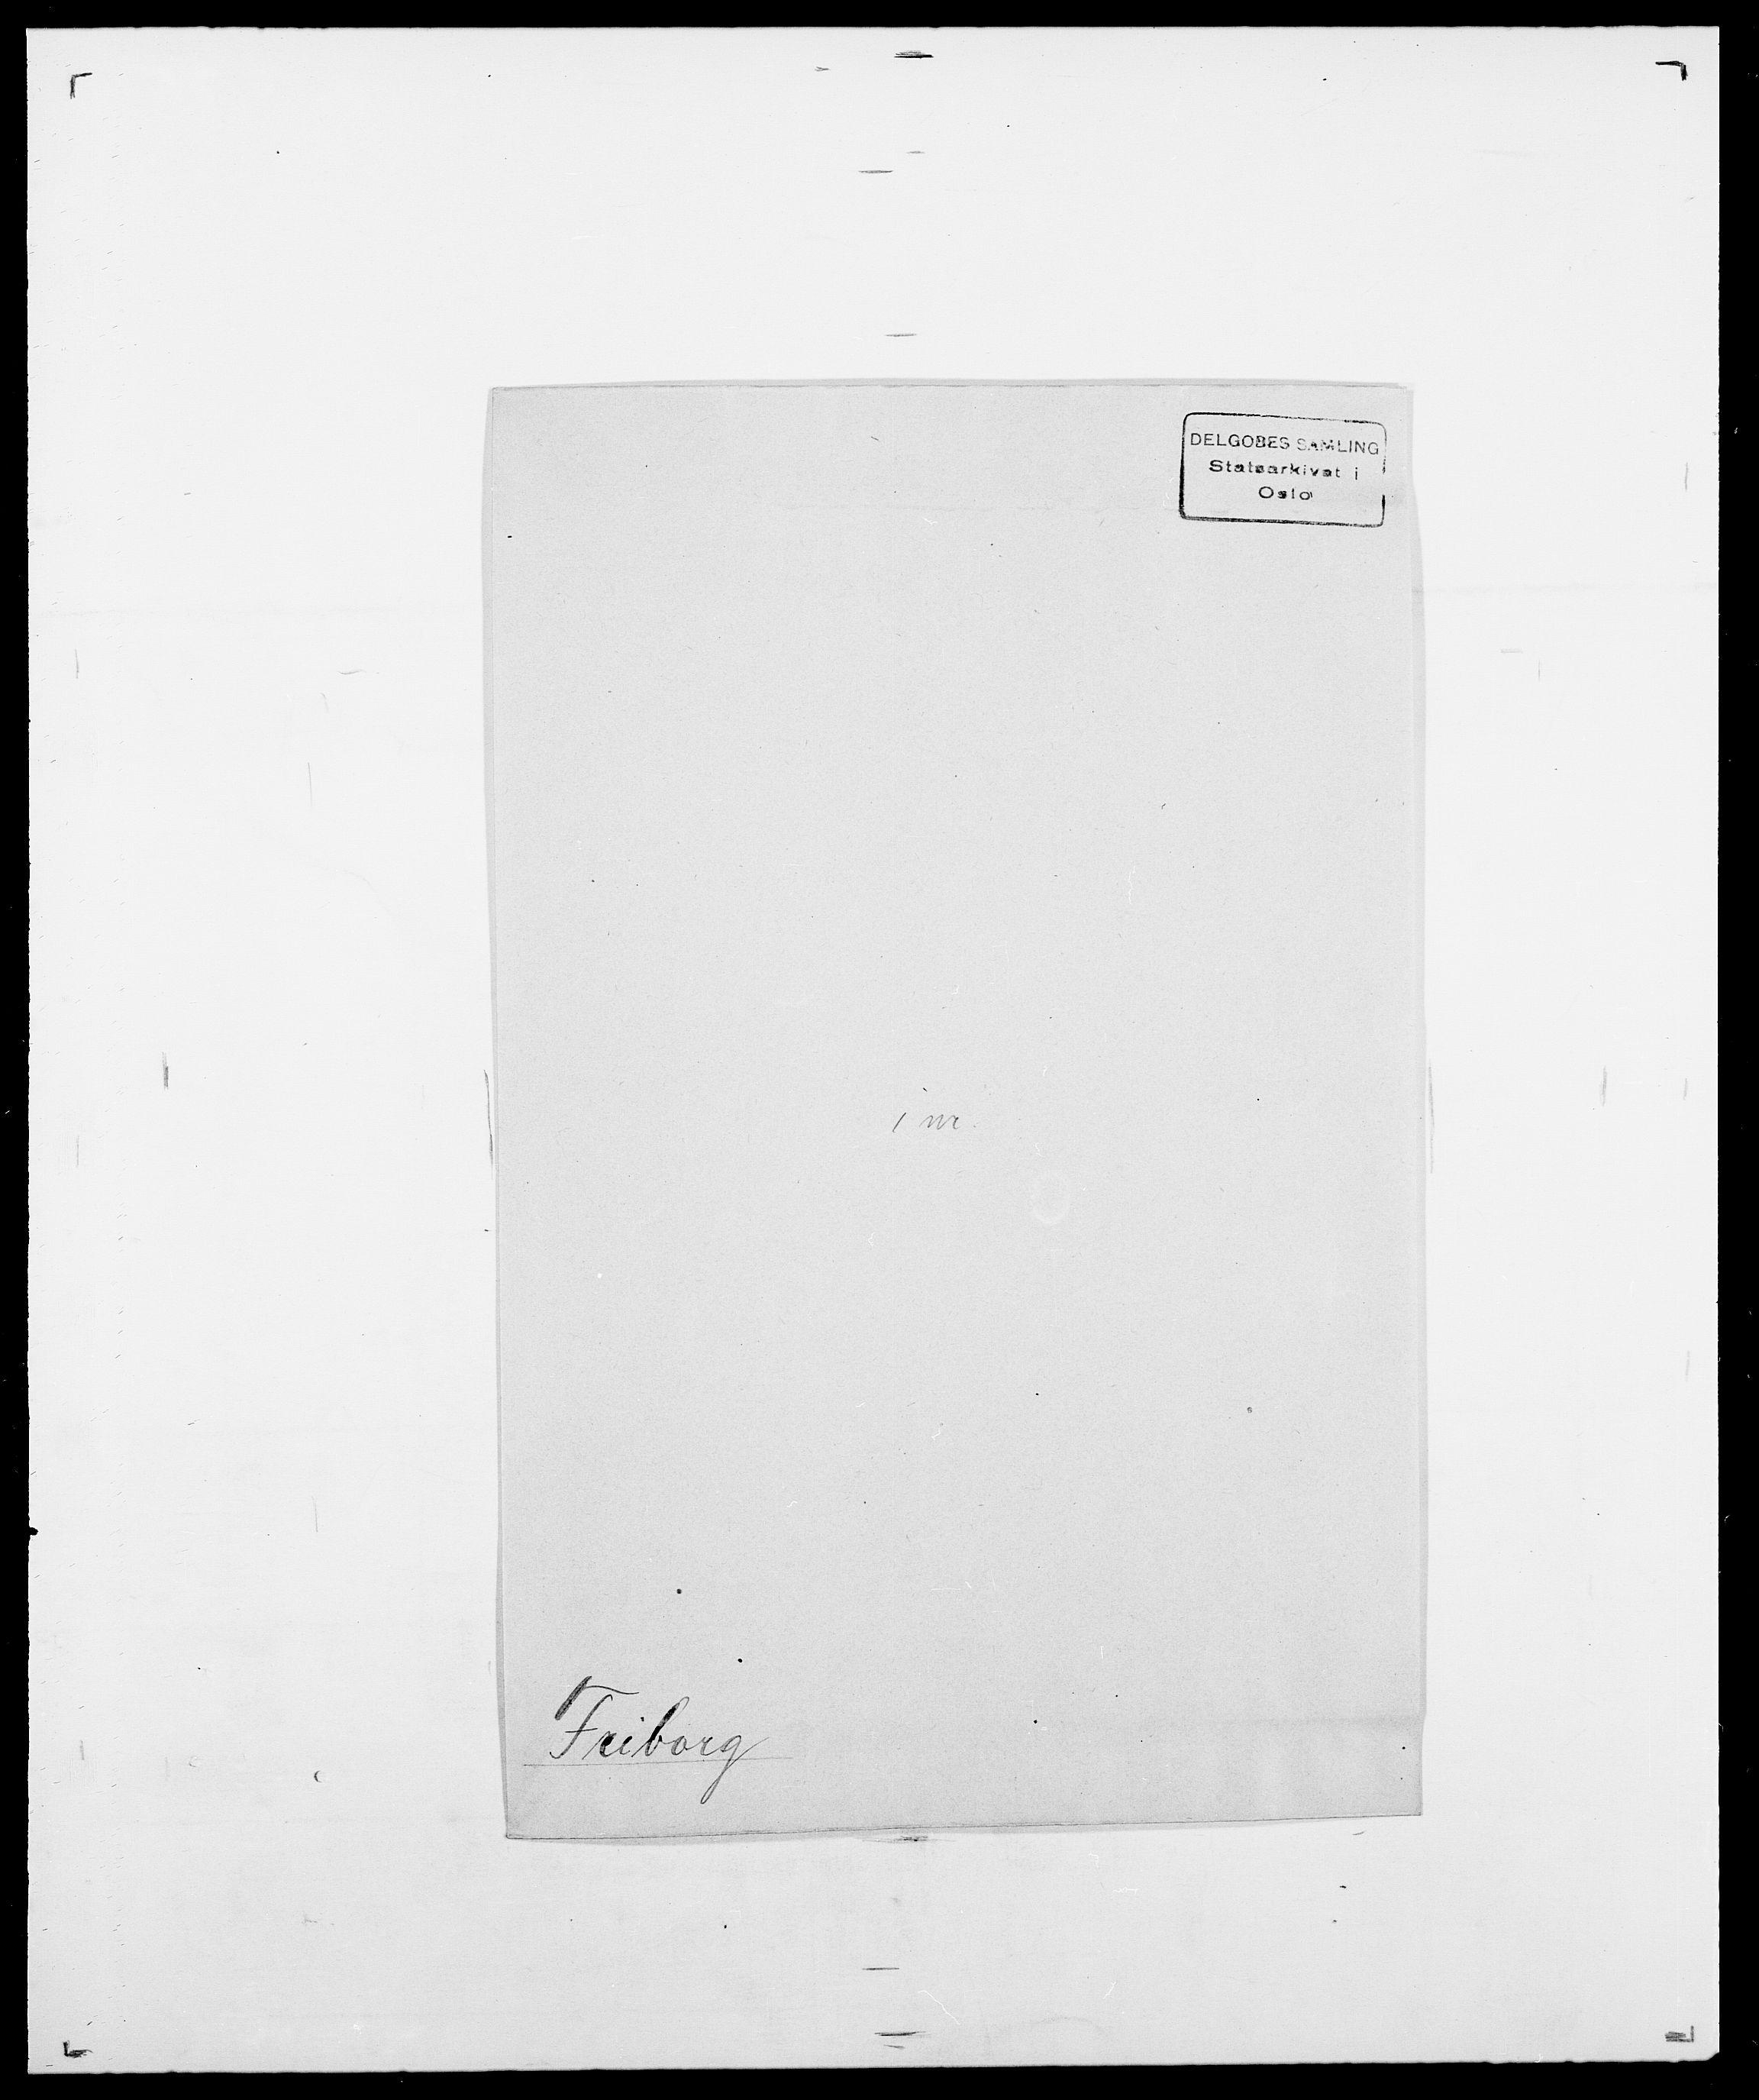 SAO, Delgobe, Charles Antoine - samling, D/Da/L0012: Flor, Floer, Flohr - Fritzner, s. 760